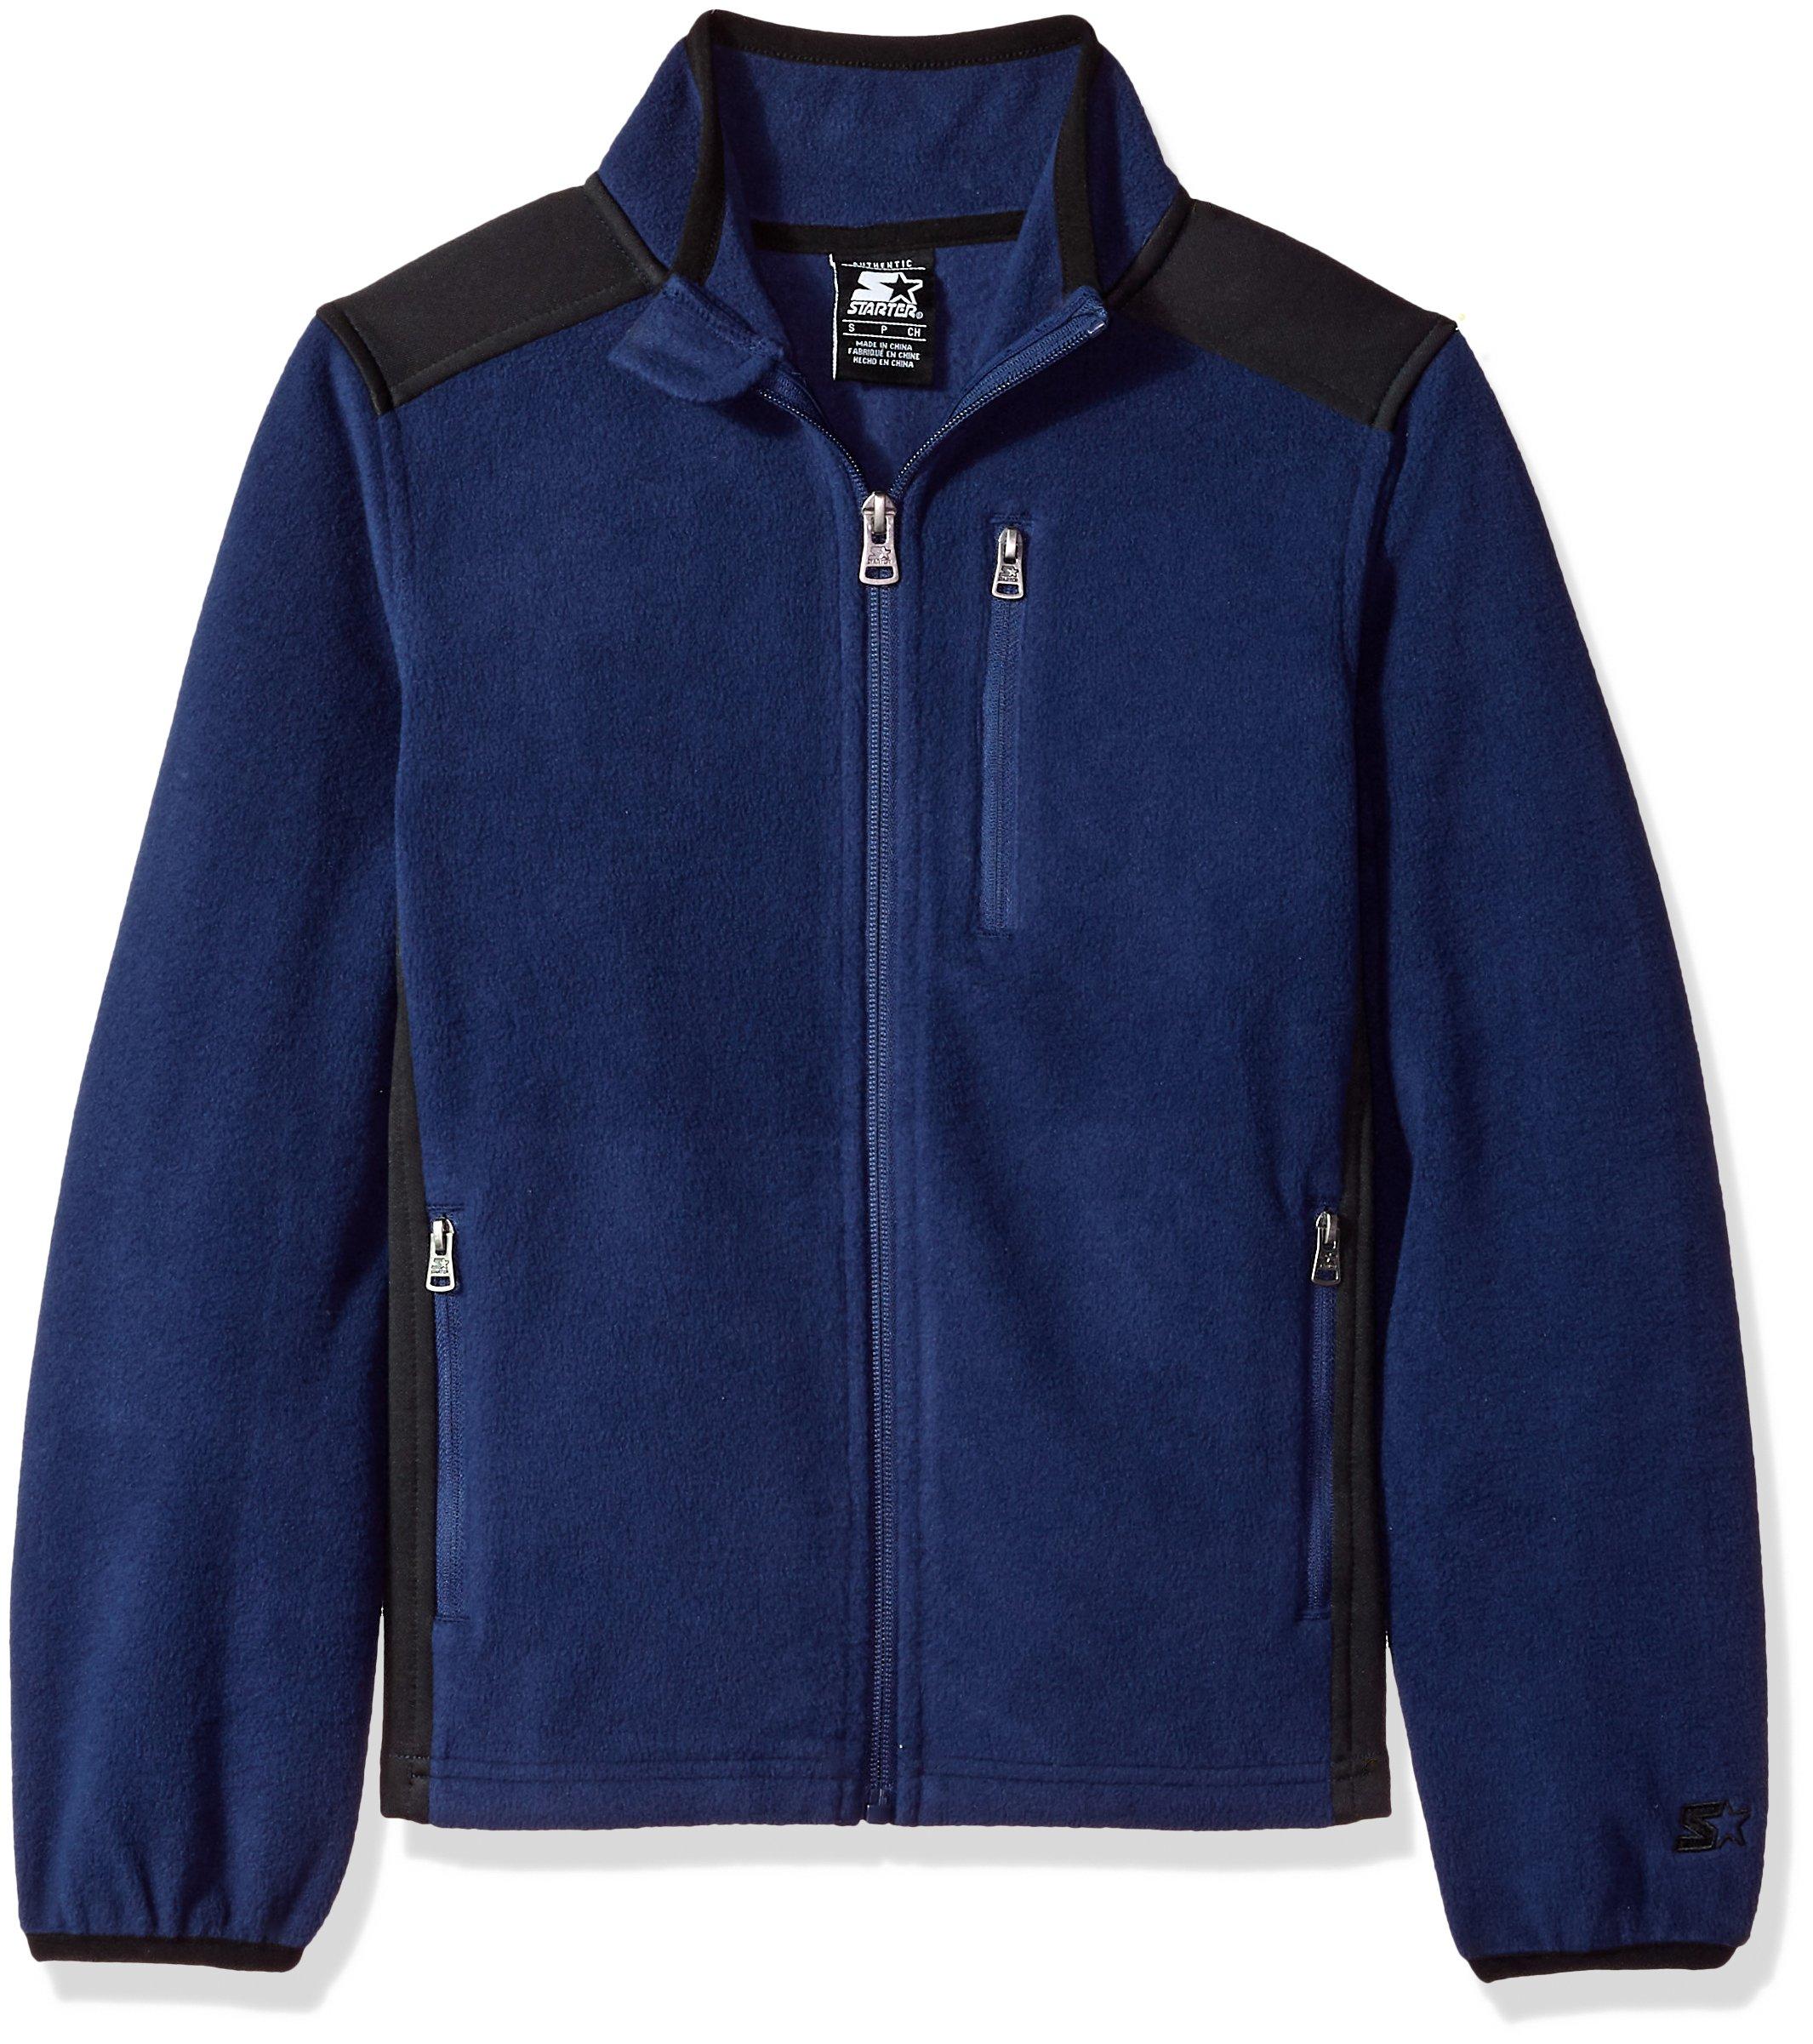 Starter Boys' Polar Fleece Jacket, Prime Exclusive, Team Navy, M (8/10)